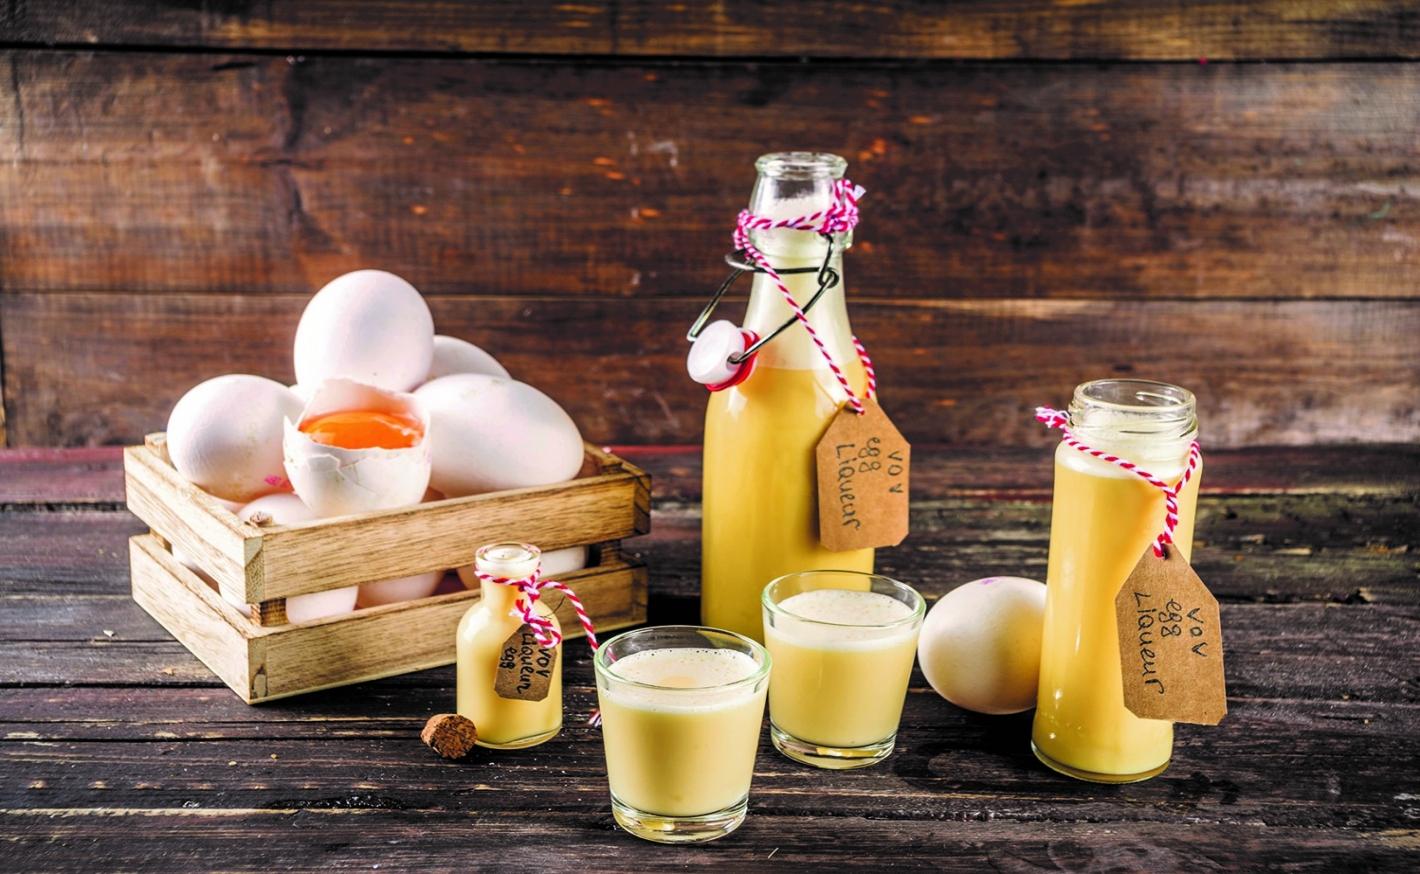 Rezepte mit Eierlikör zum Genießen